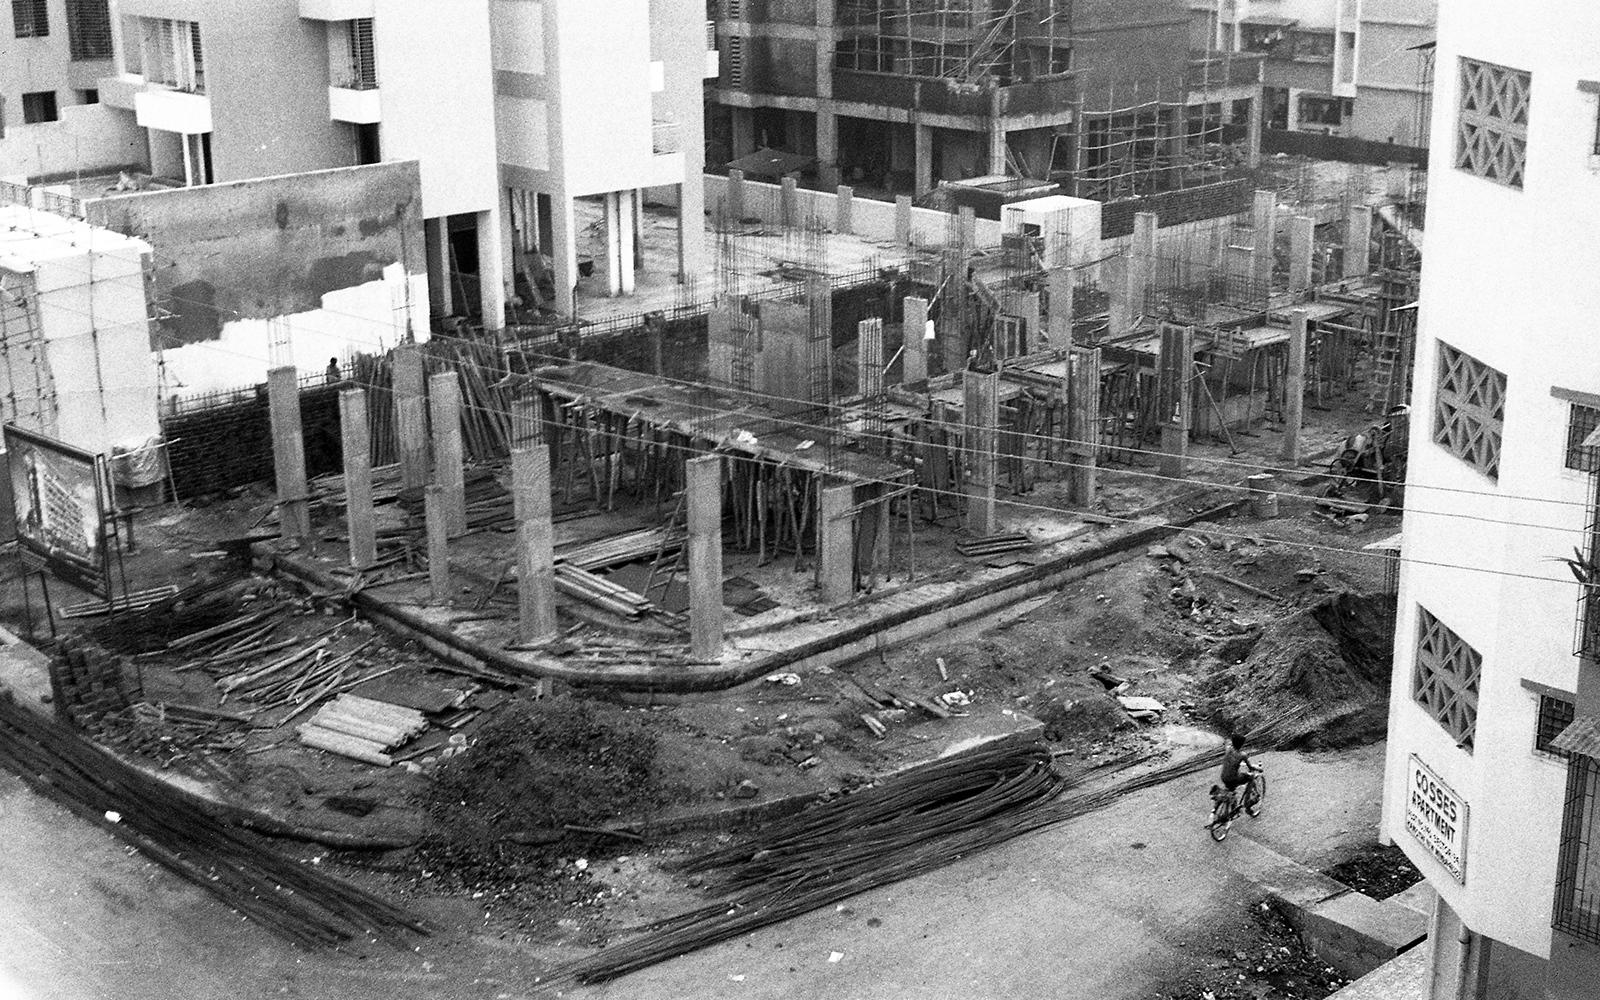 Navi Mumbai, 2007